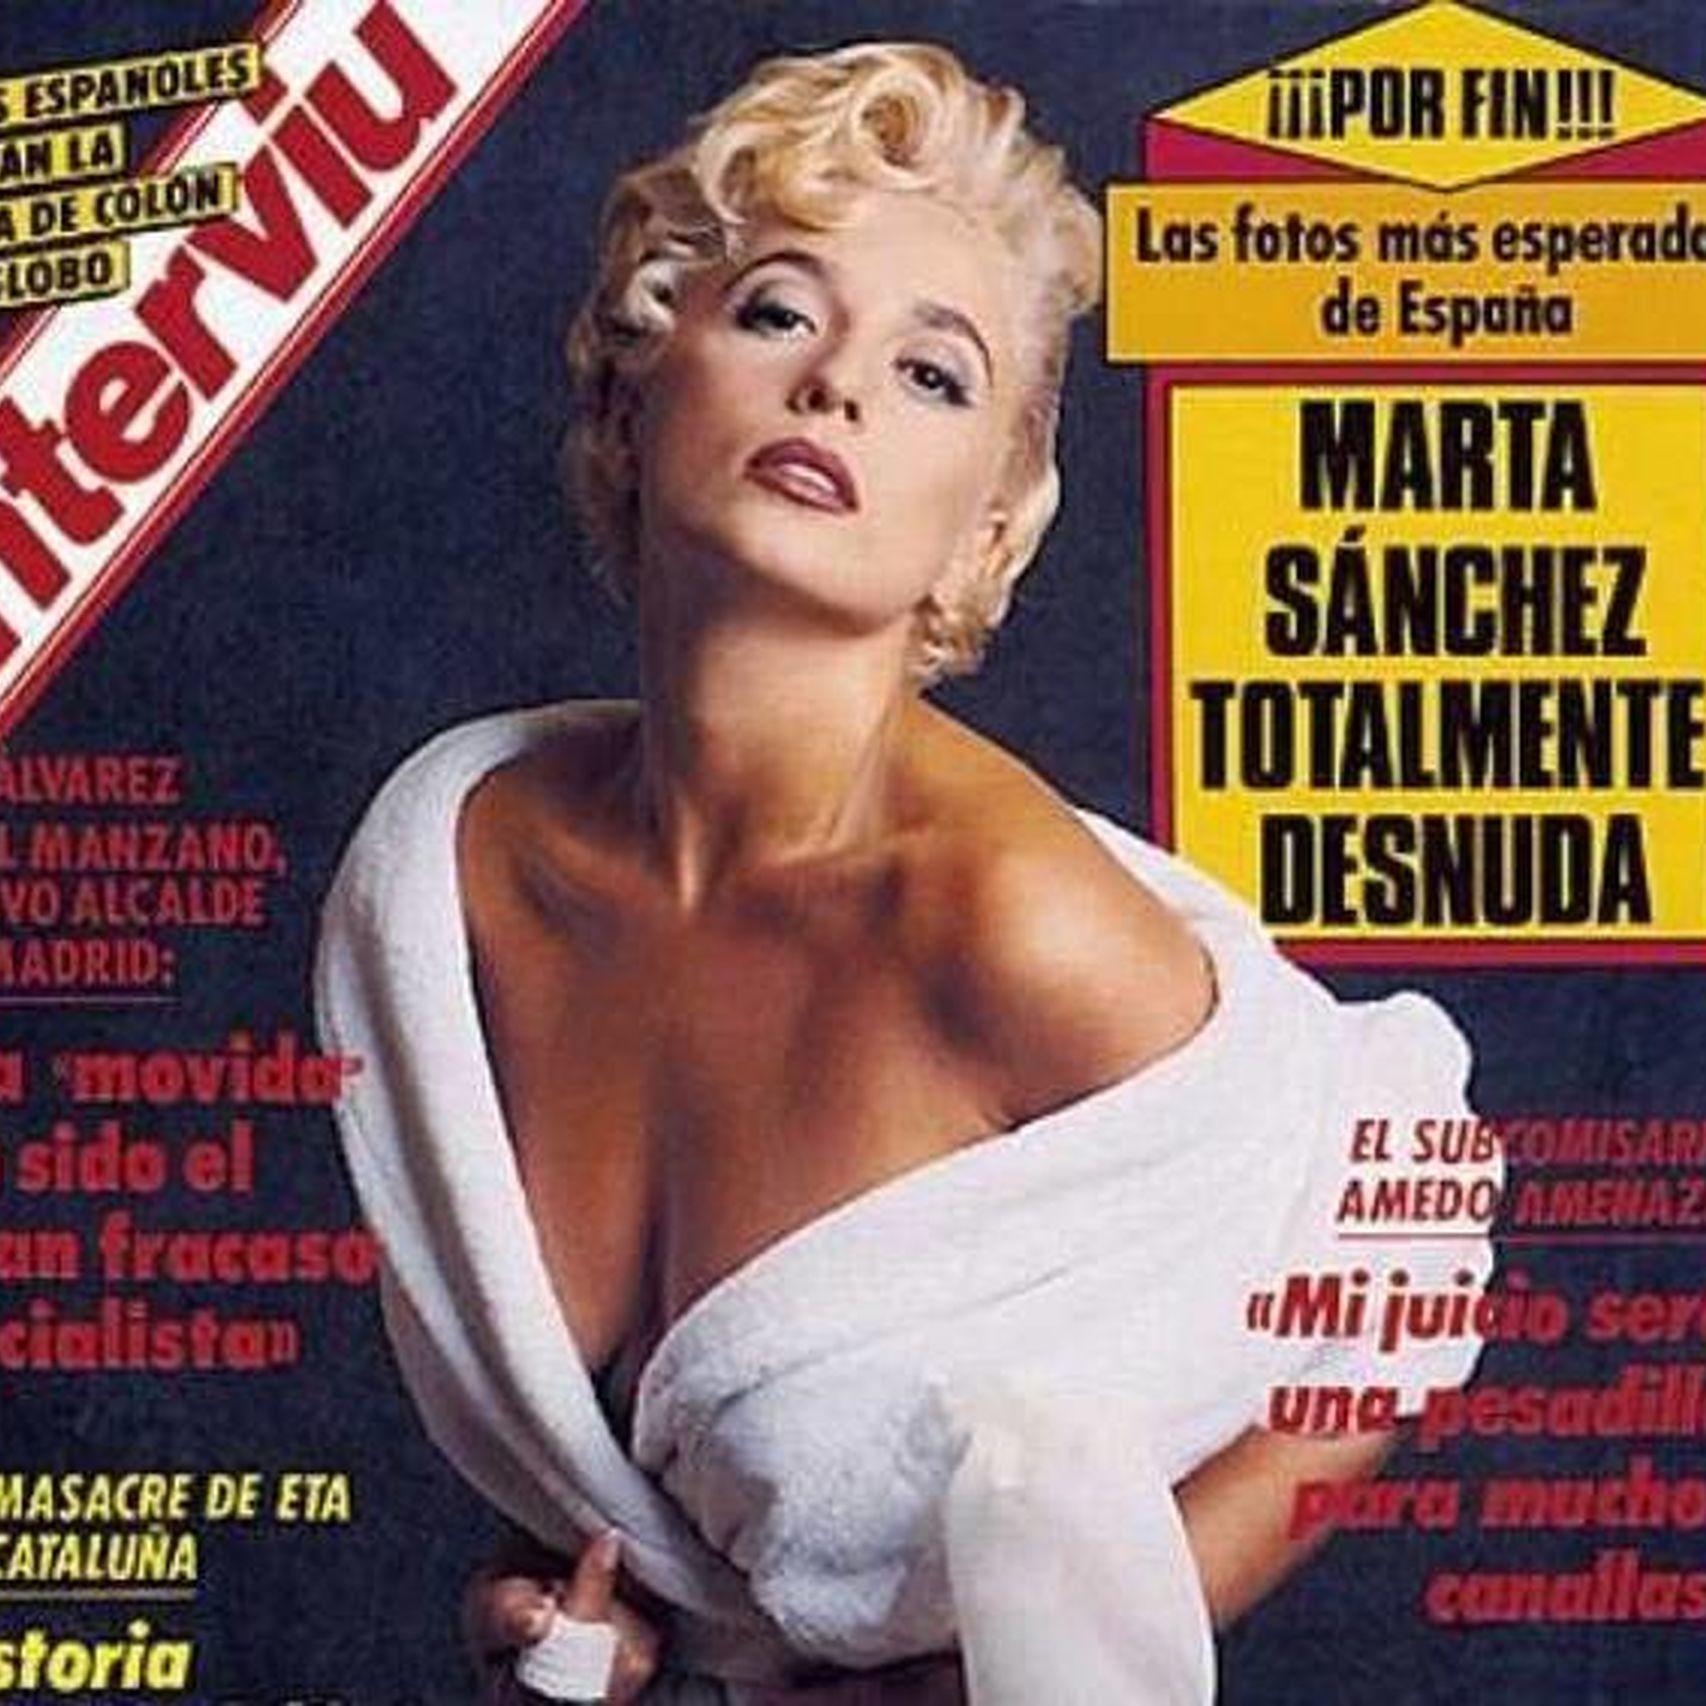 La cantante cuando posó para la revista Interviú